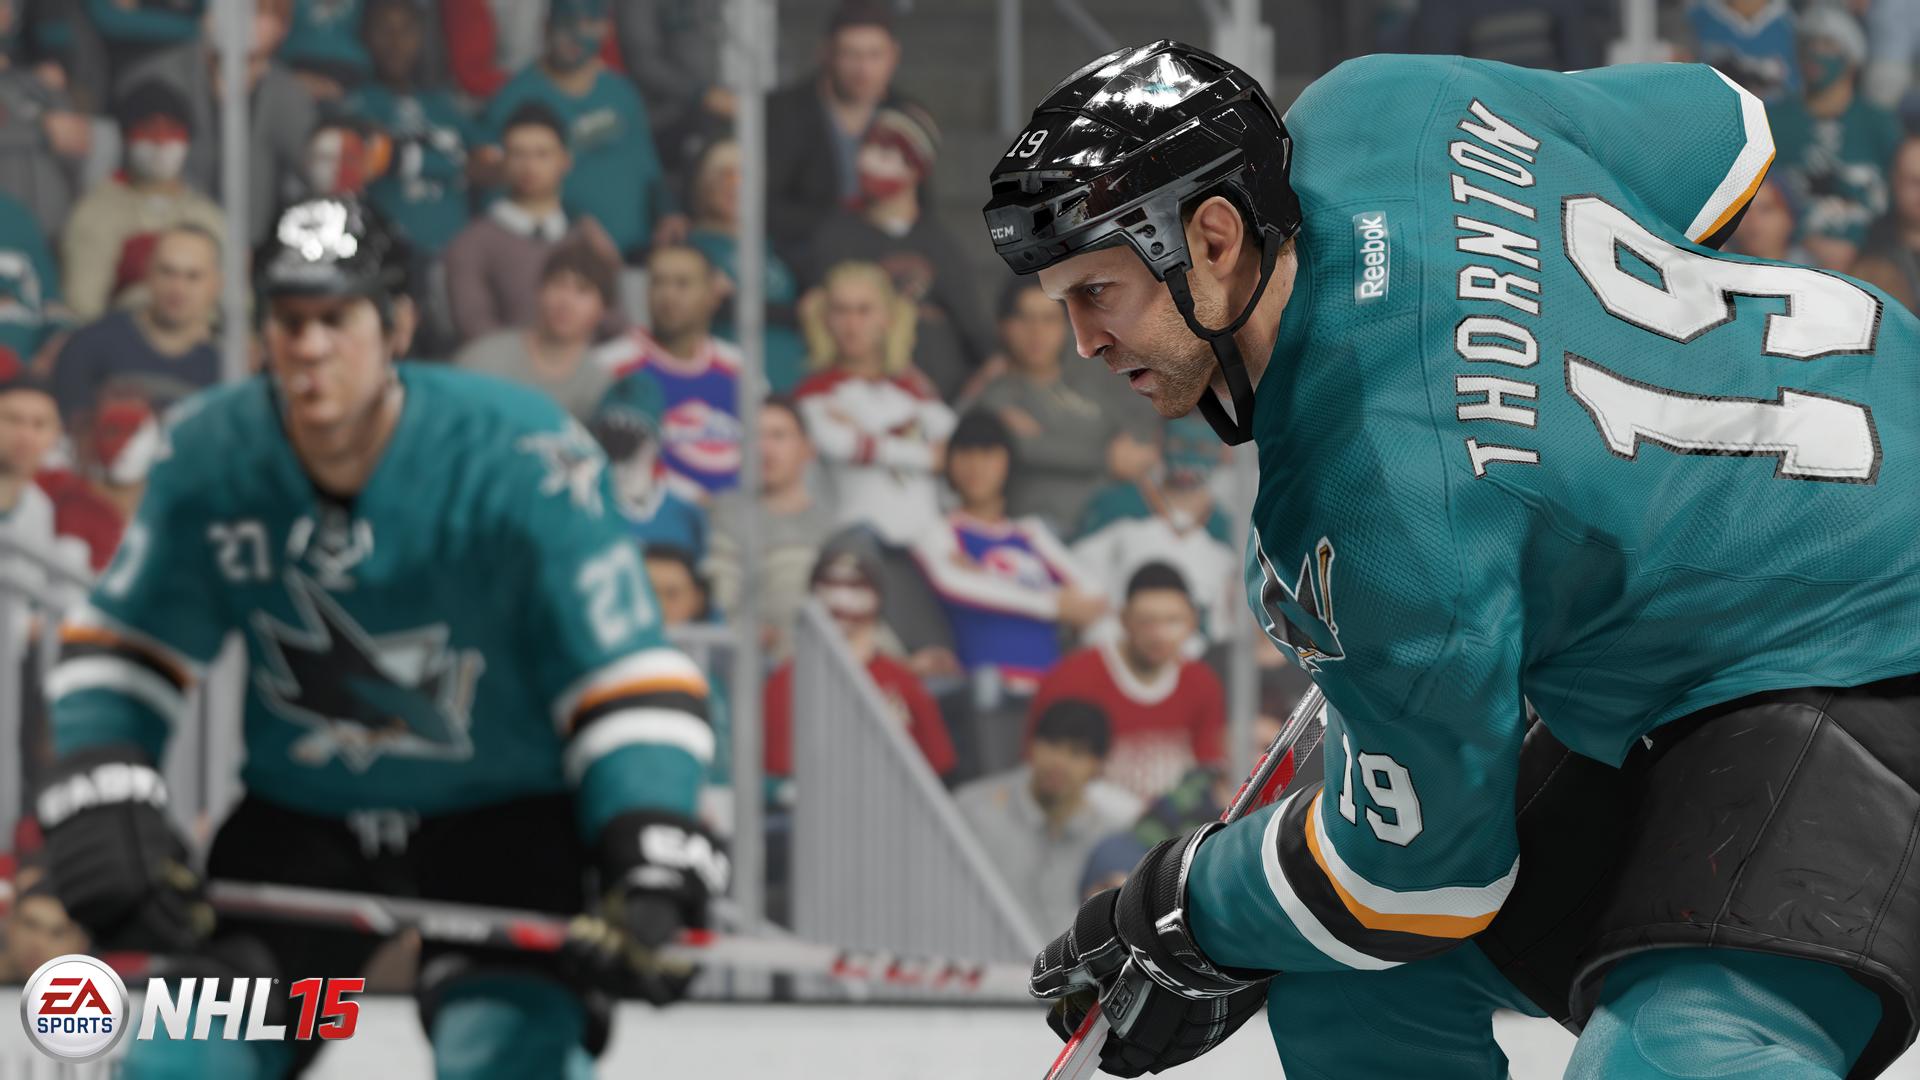 NHL15_Thorton